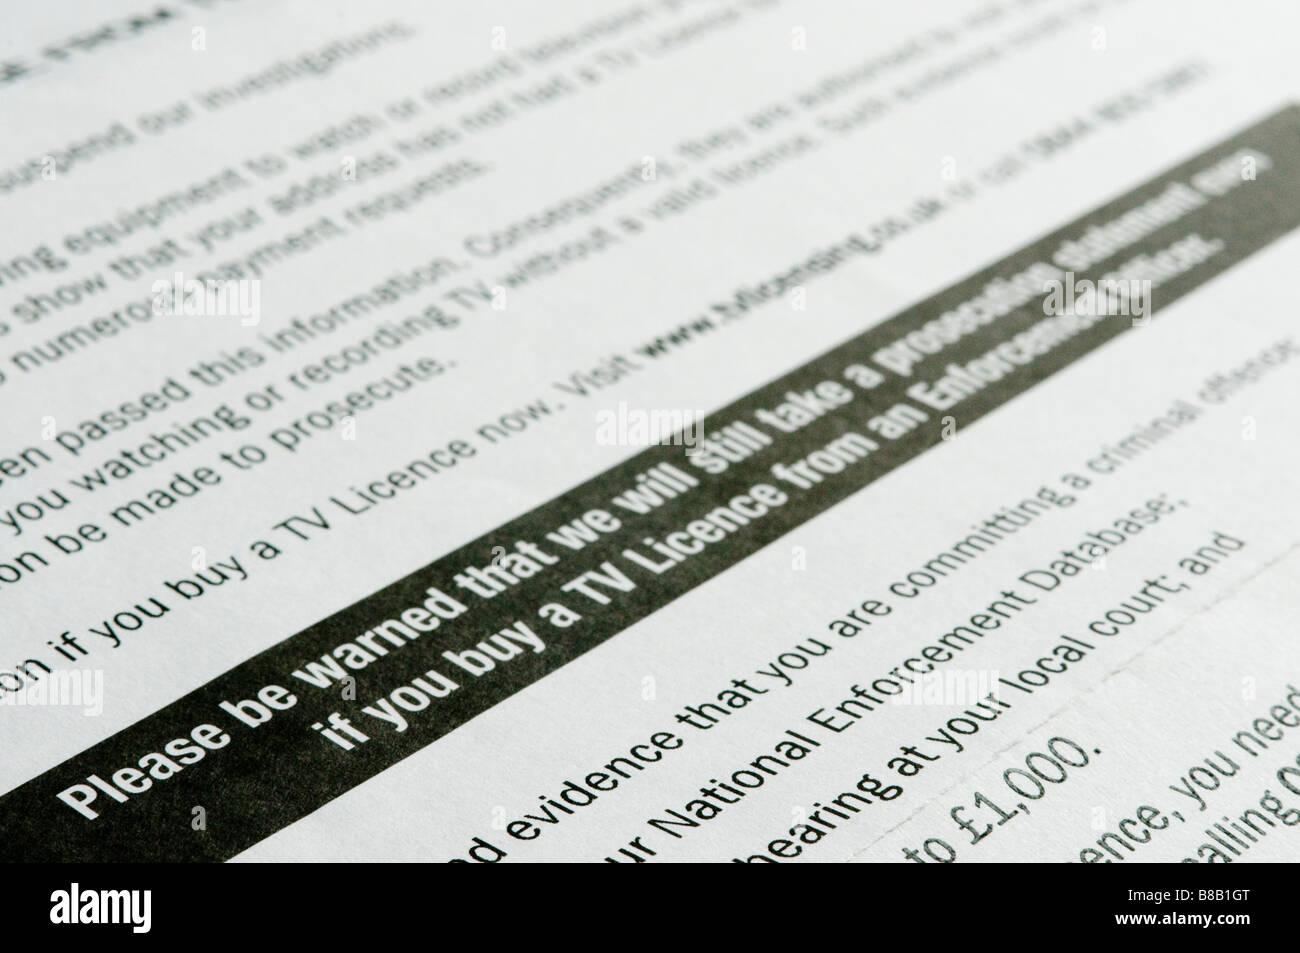 Carta de advertencia sobre licencias de televisión criminal/procedimientos legales si la licencia no se adquirió. Foto de stock